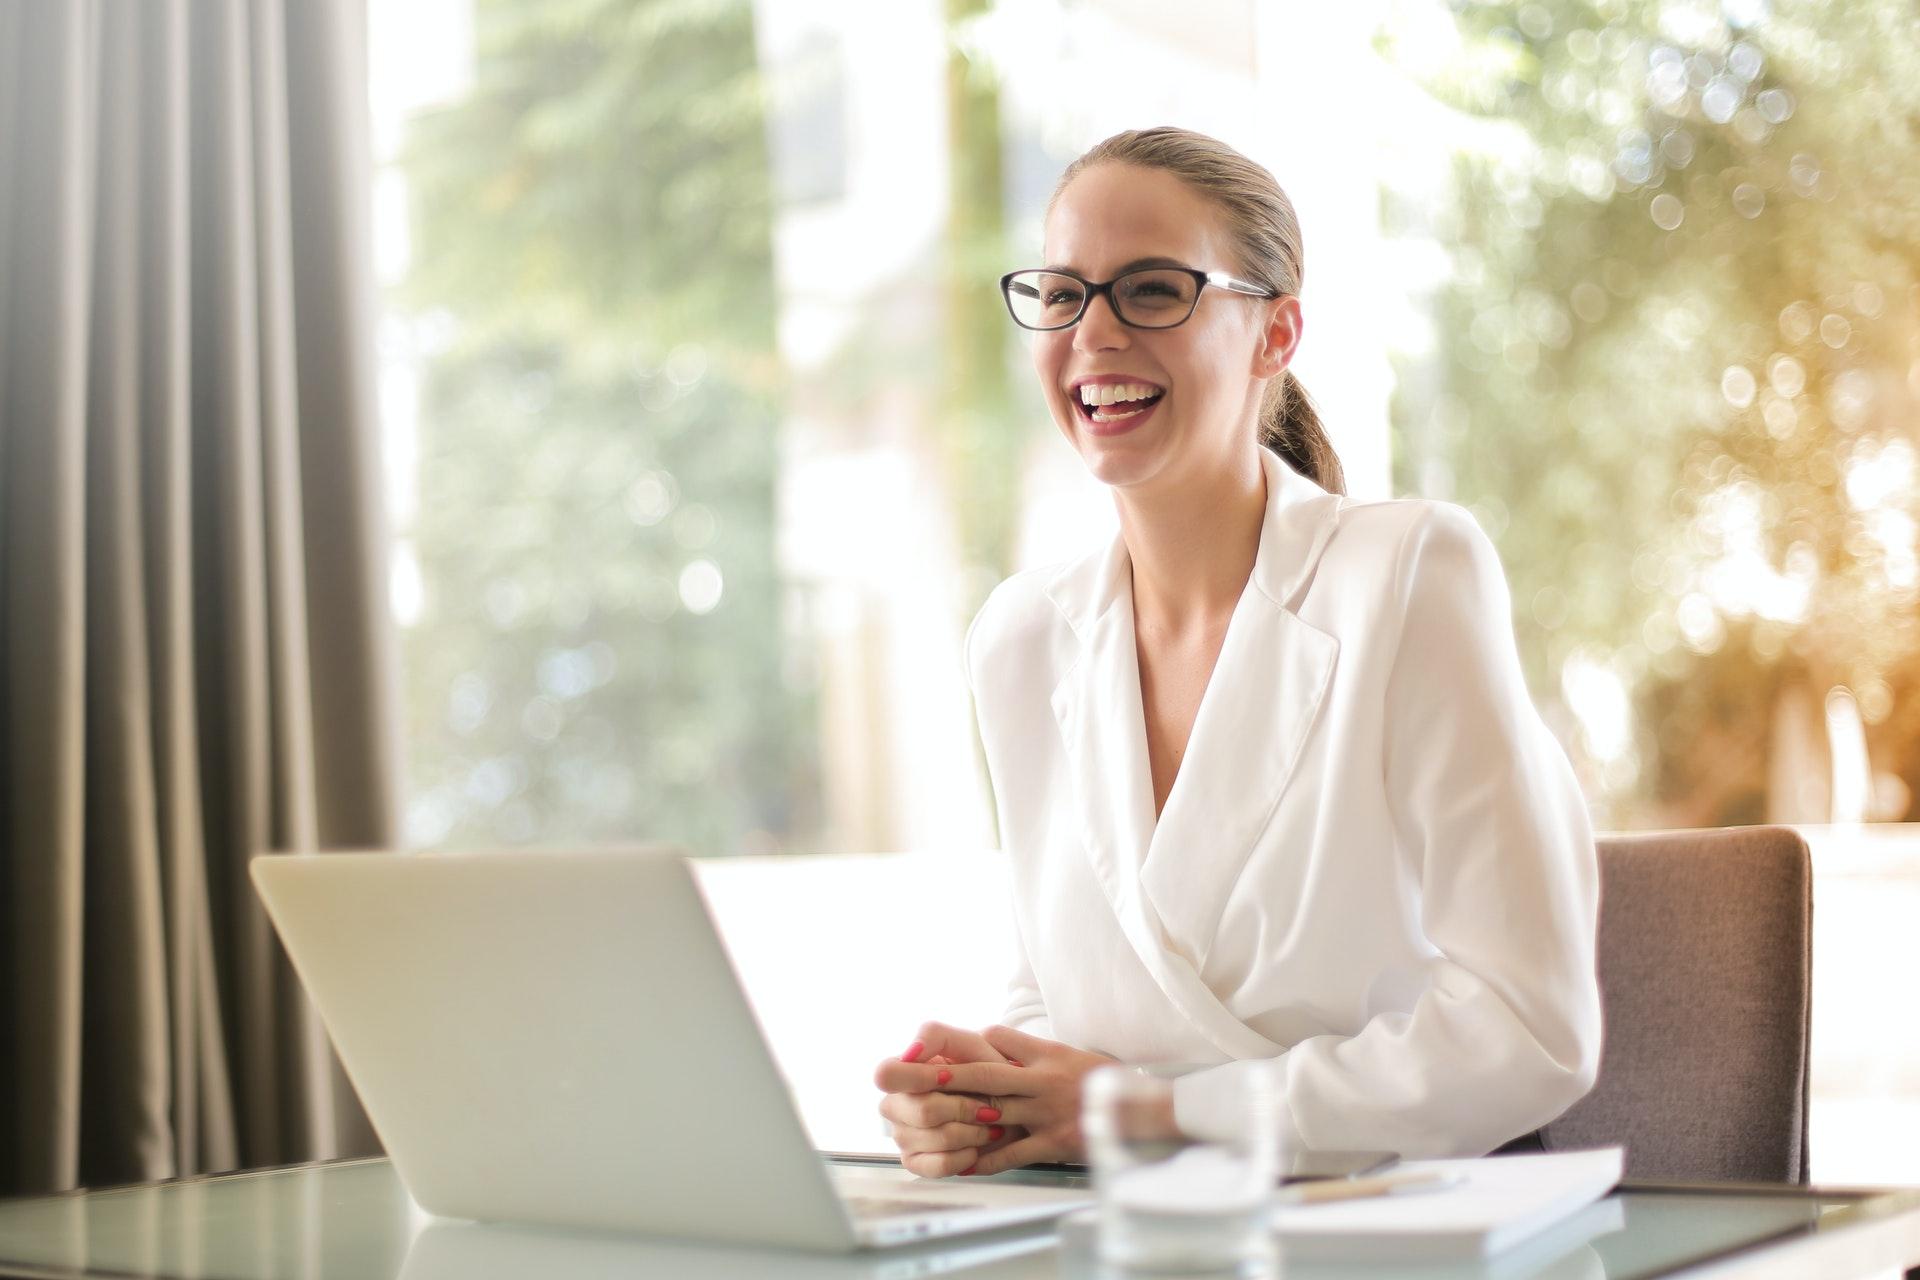 Vemos uma mulher sorrindo, sentada à mesa e um notebook; ela parece ocupar um cargo de peso em uma empresa (imagem ilustrativa). Texto: negócios rentáveis.